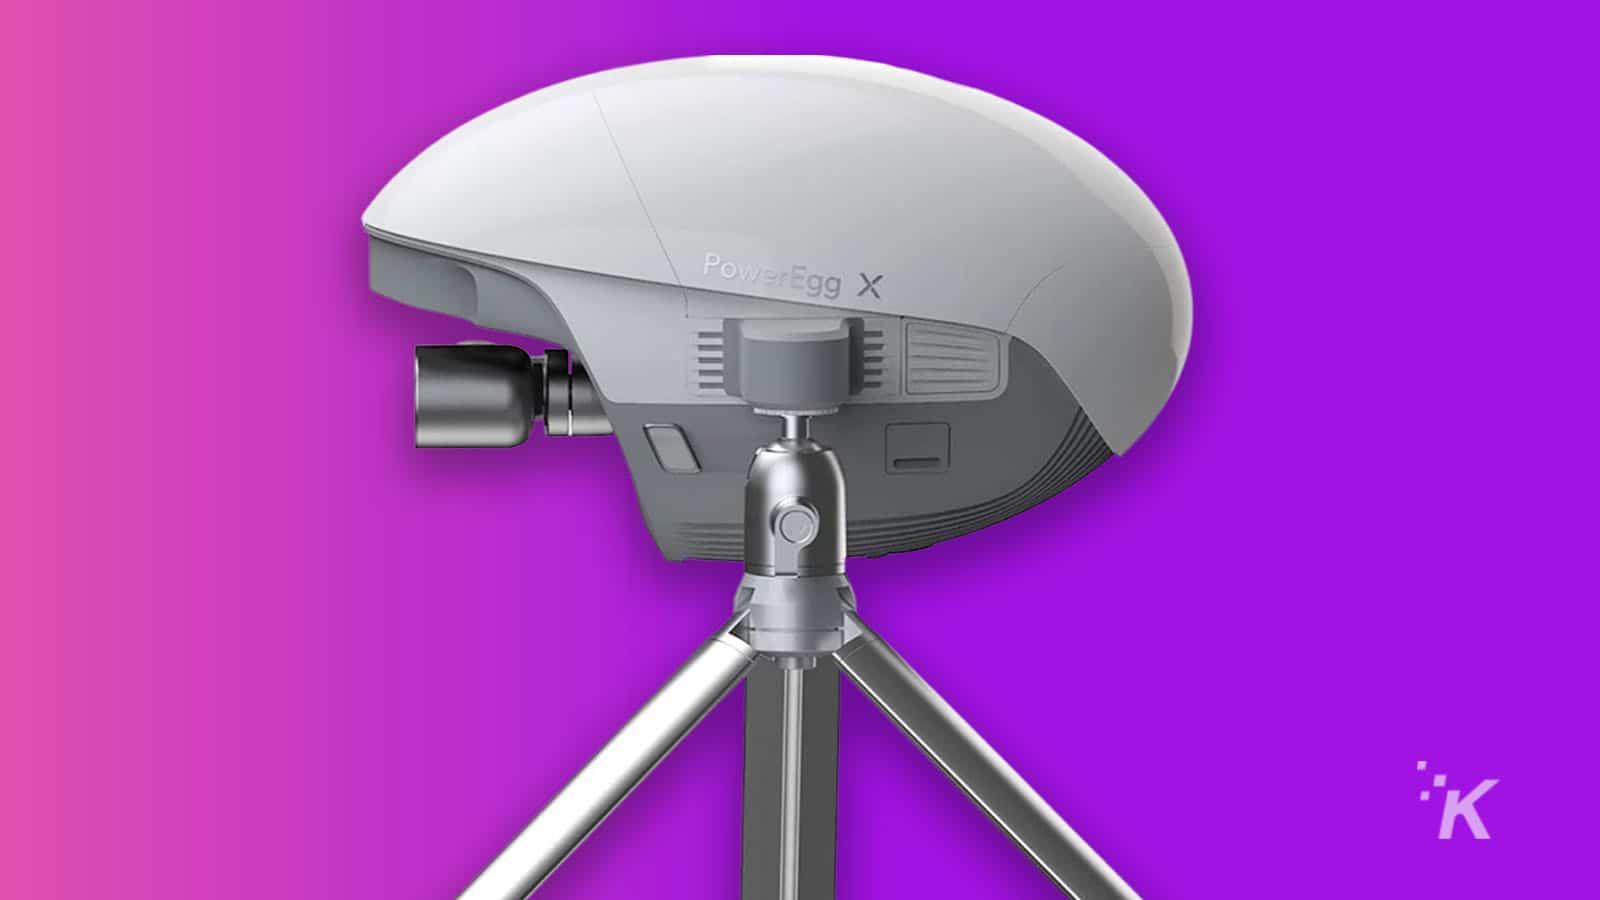 poweregg x drone and webcam